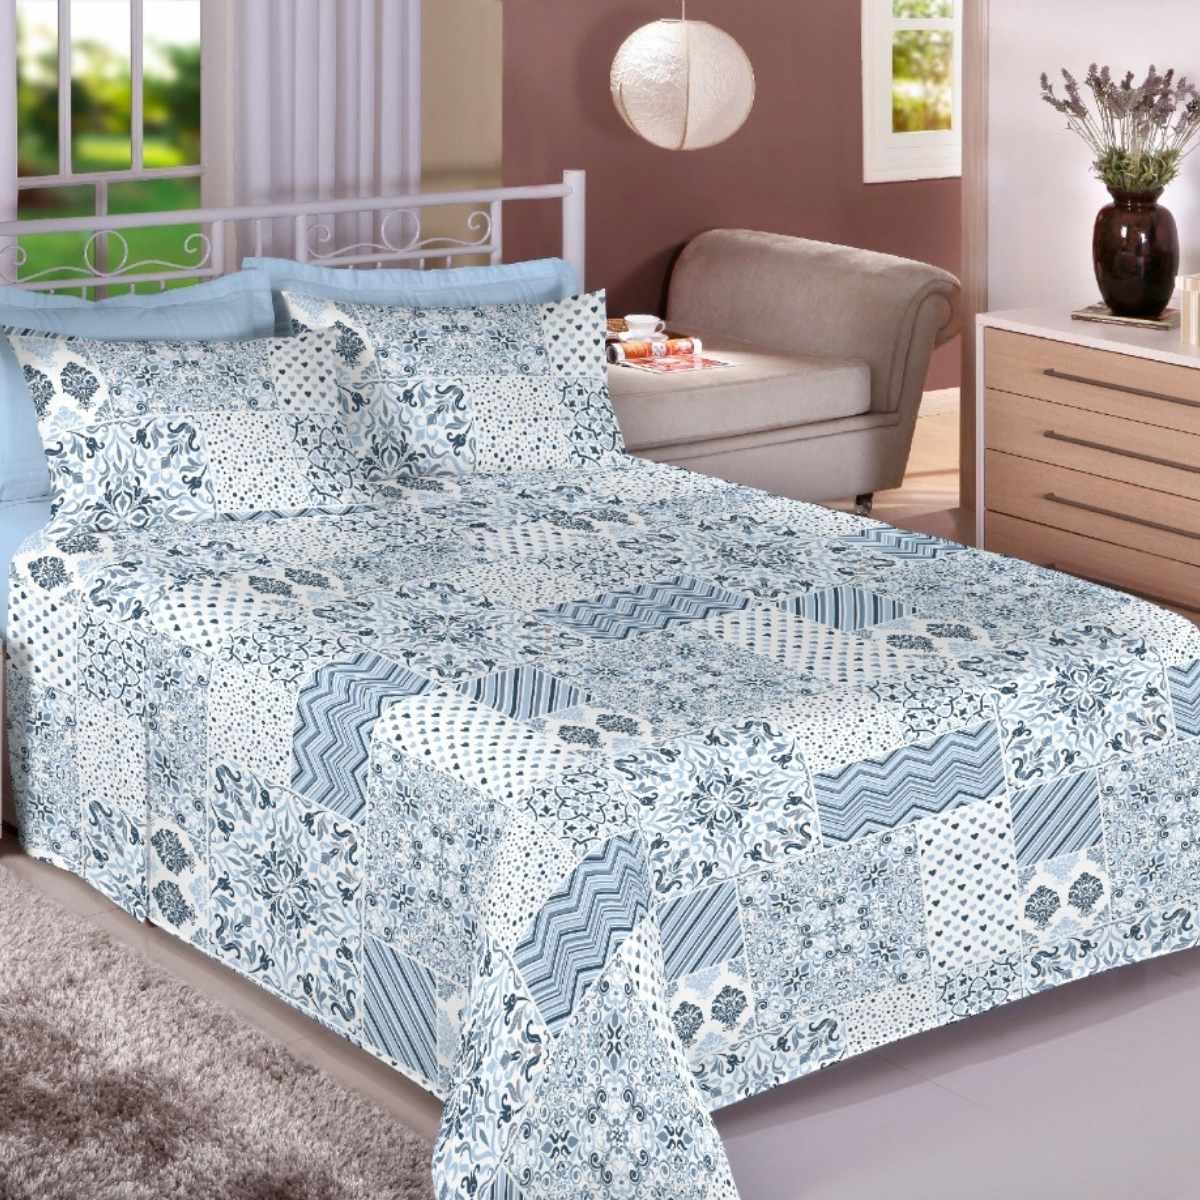 Jogo de Cama Premium 150 Fios King 4Pcs Mosaico Azul